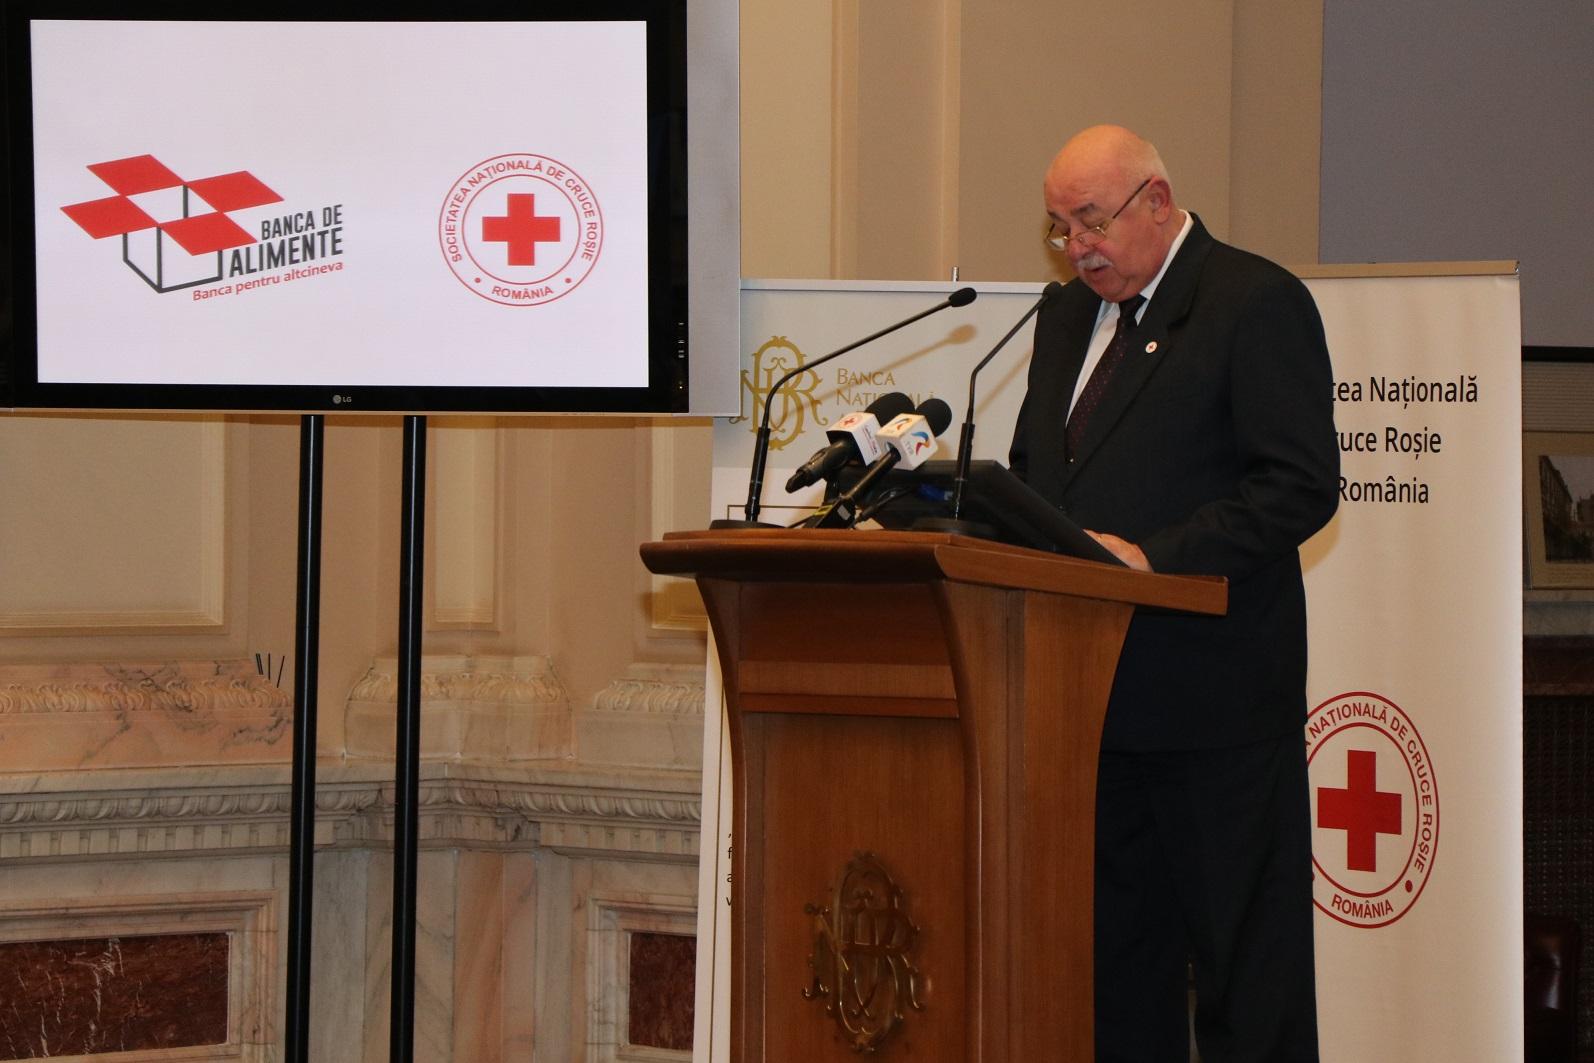 Director Crucea Roșie, Silviu Ioan Lefter